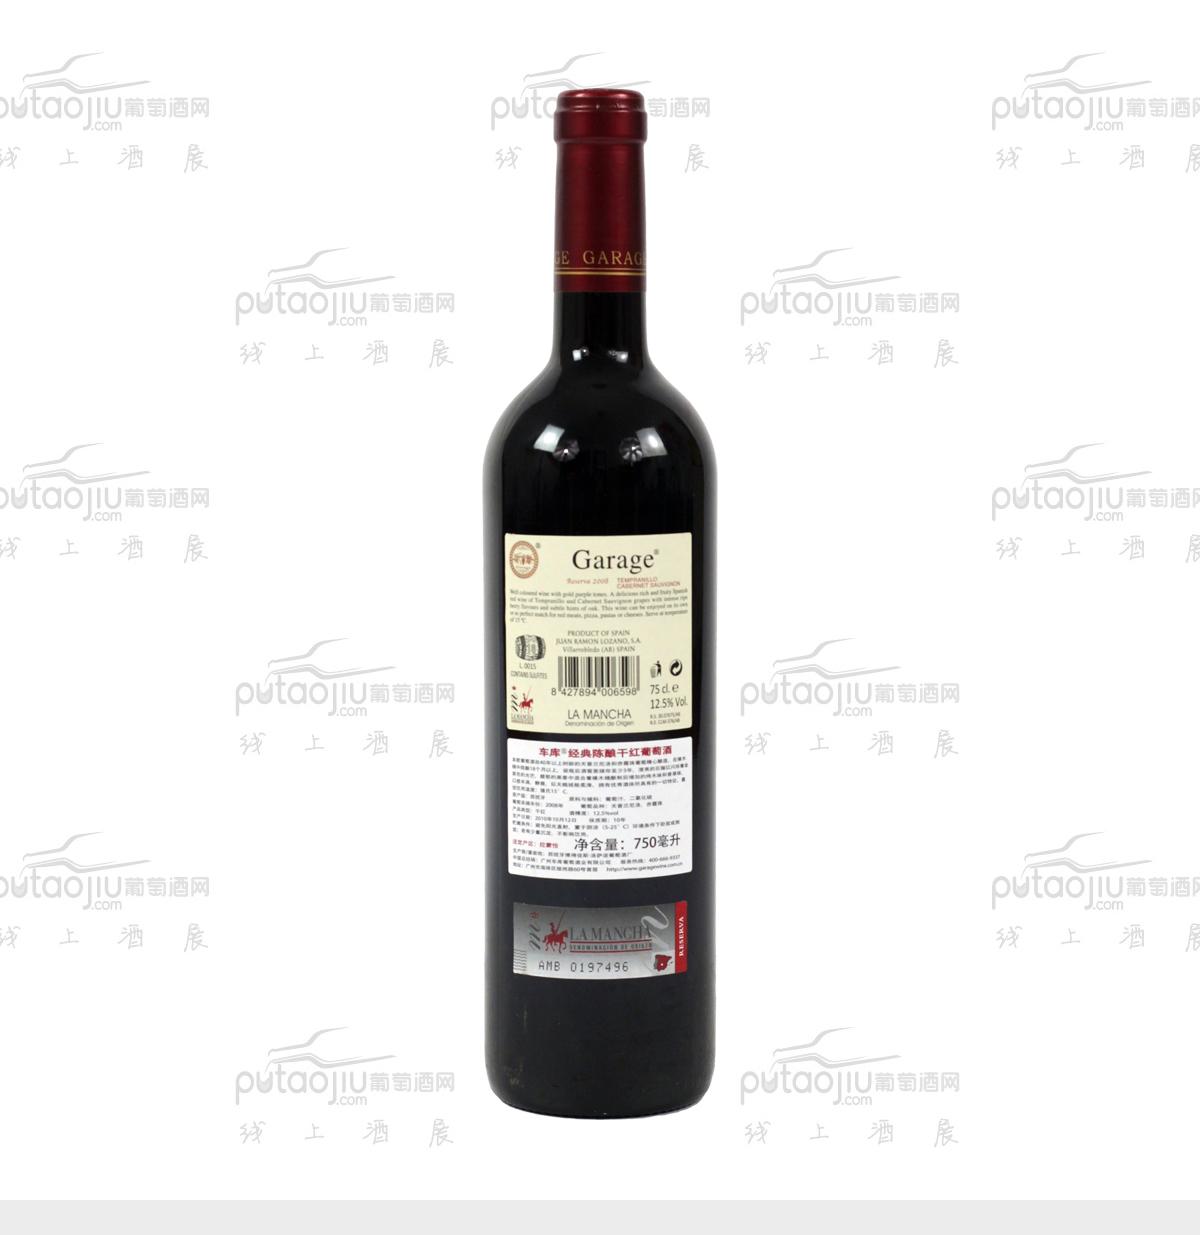 车库(Garage)西班牙原瓶进口DO级 经典陈酿干红葡萄酒